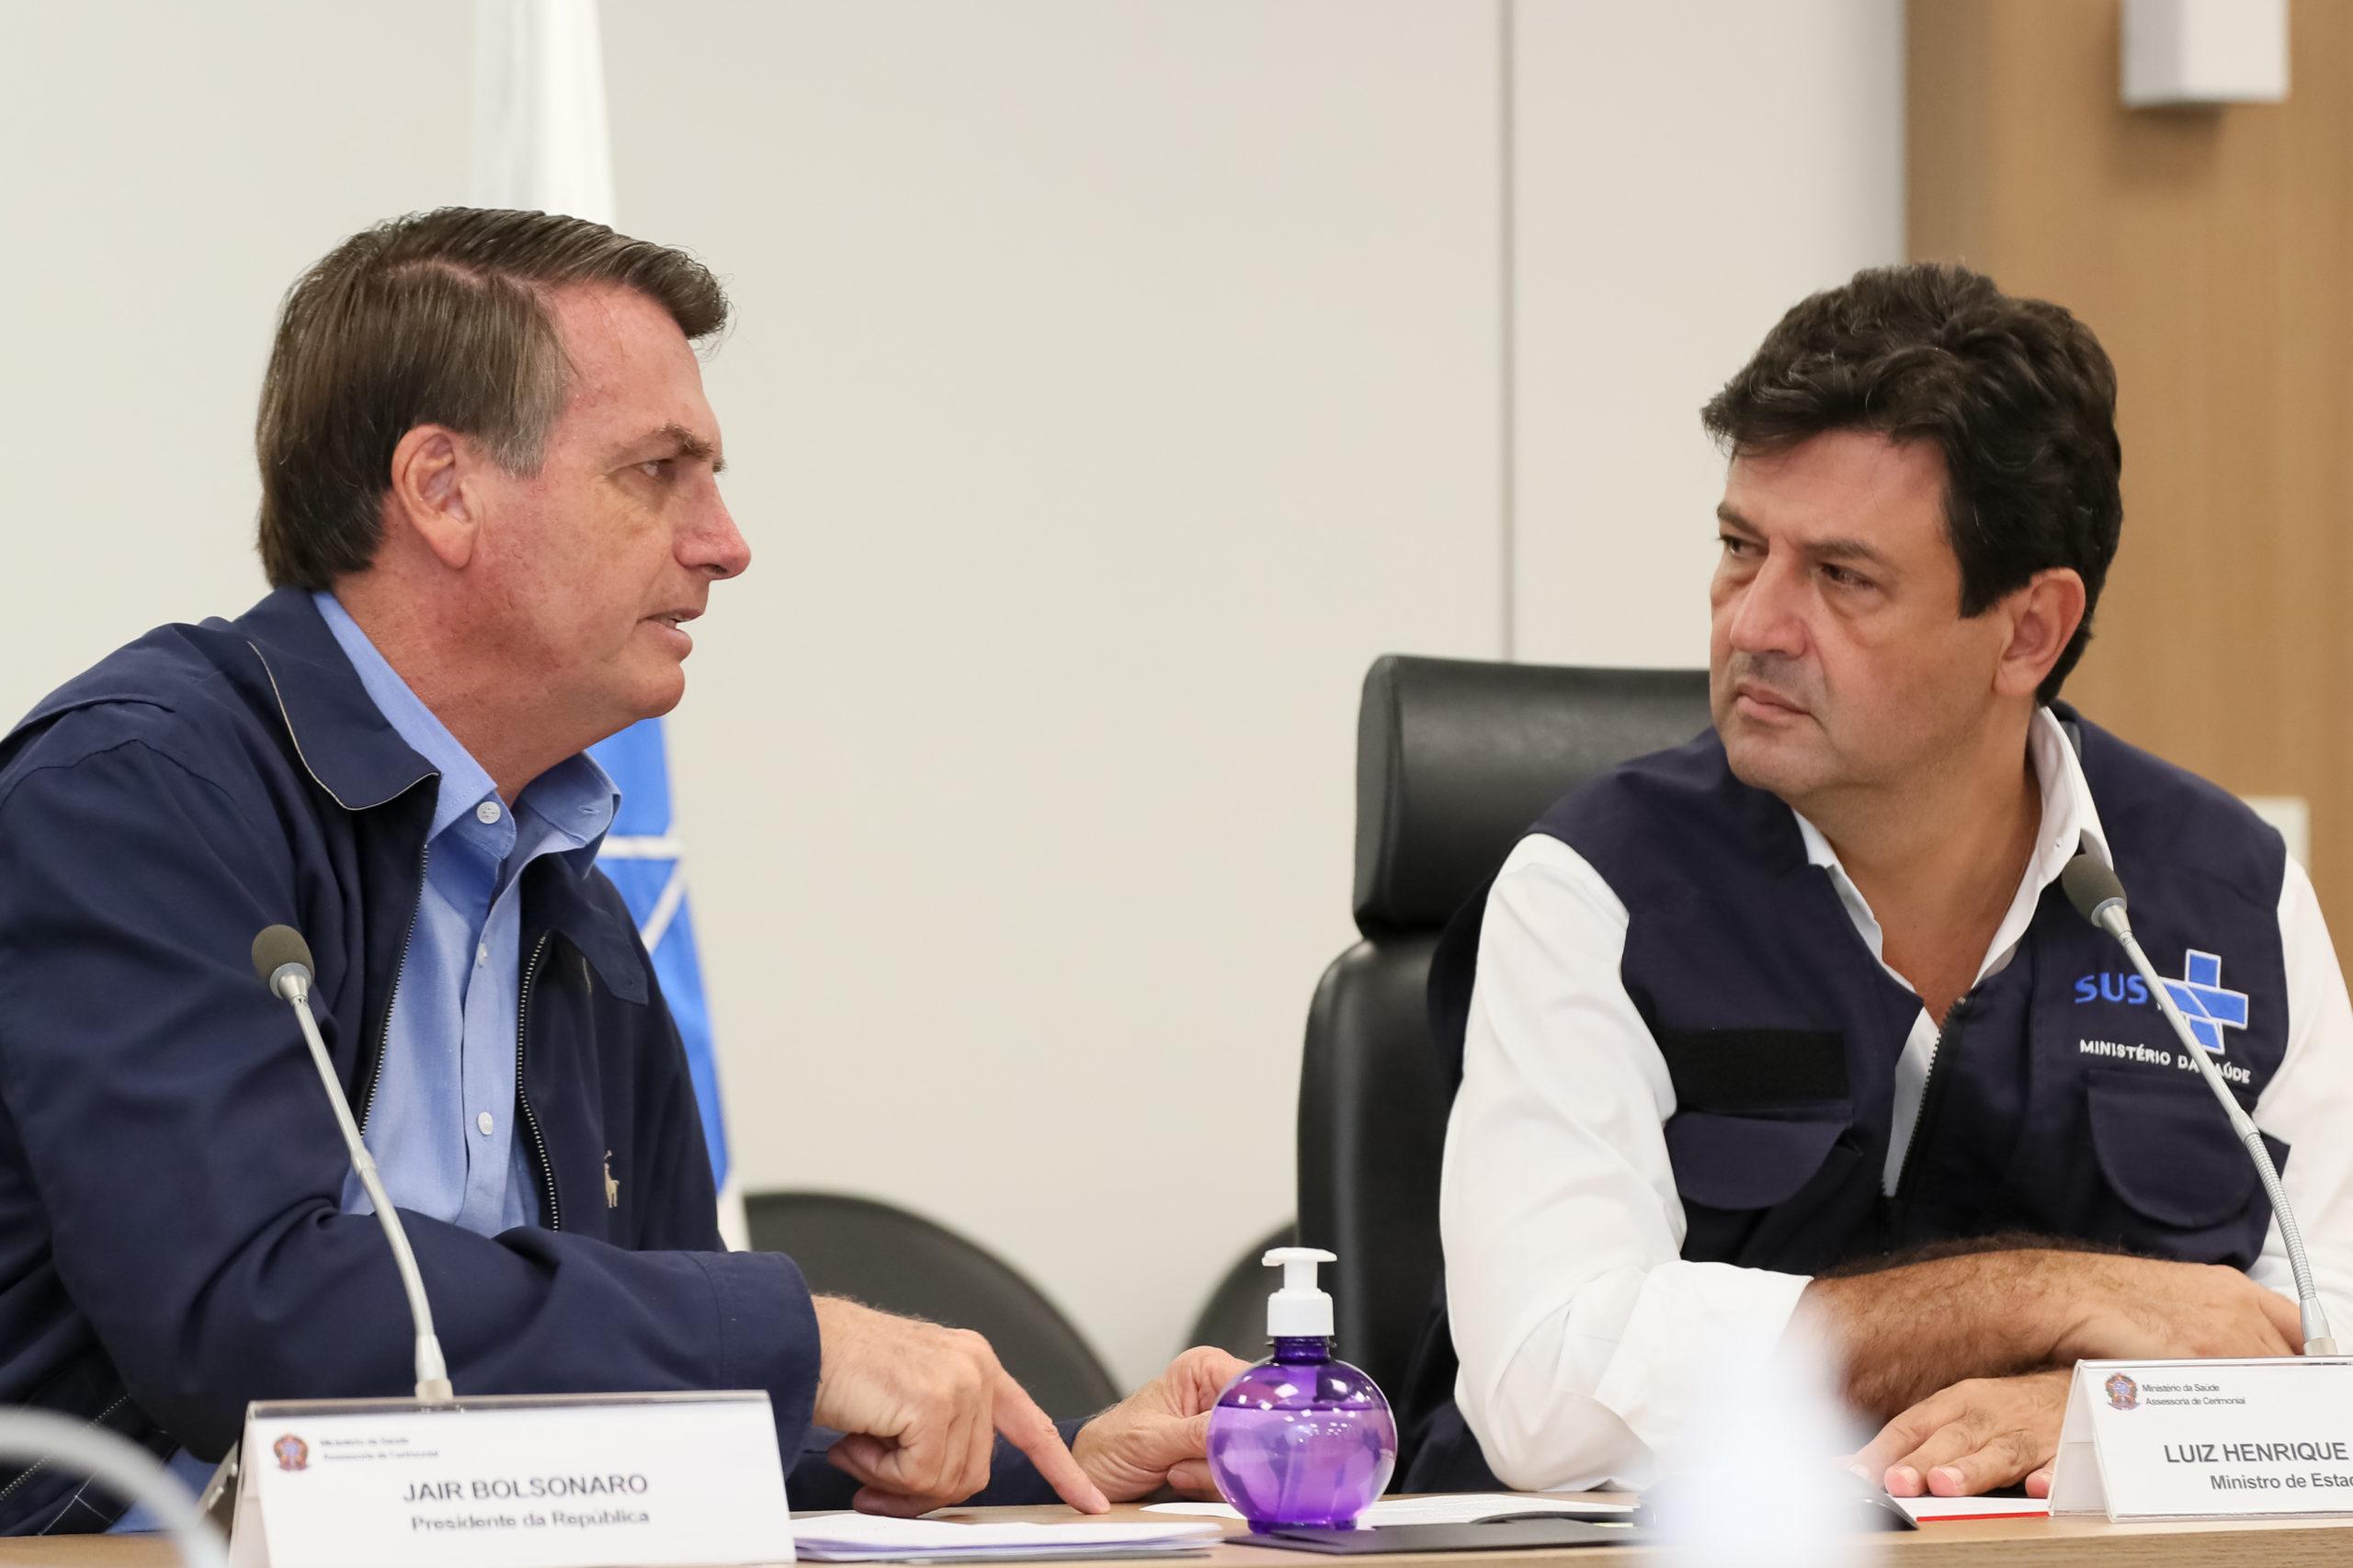 Mandetta avisa equipe que será demitido e que Bolsonaro procura substituto